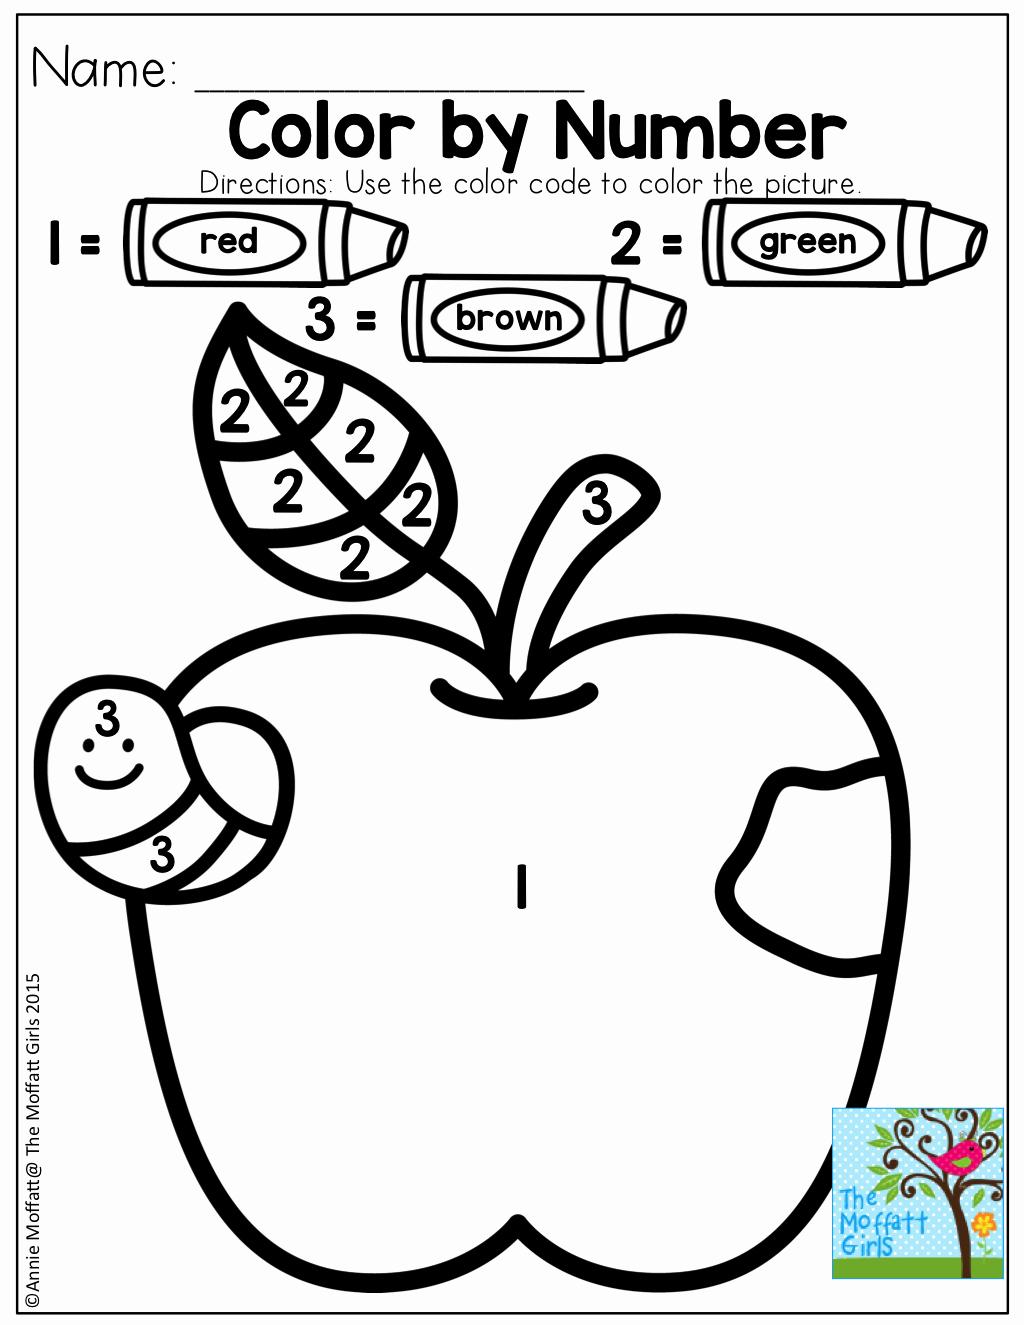 Color by Number Worksheets Kindergarten Inspirational Color by Number